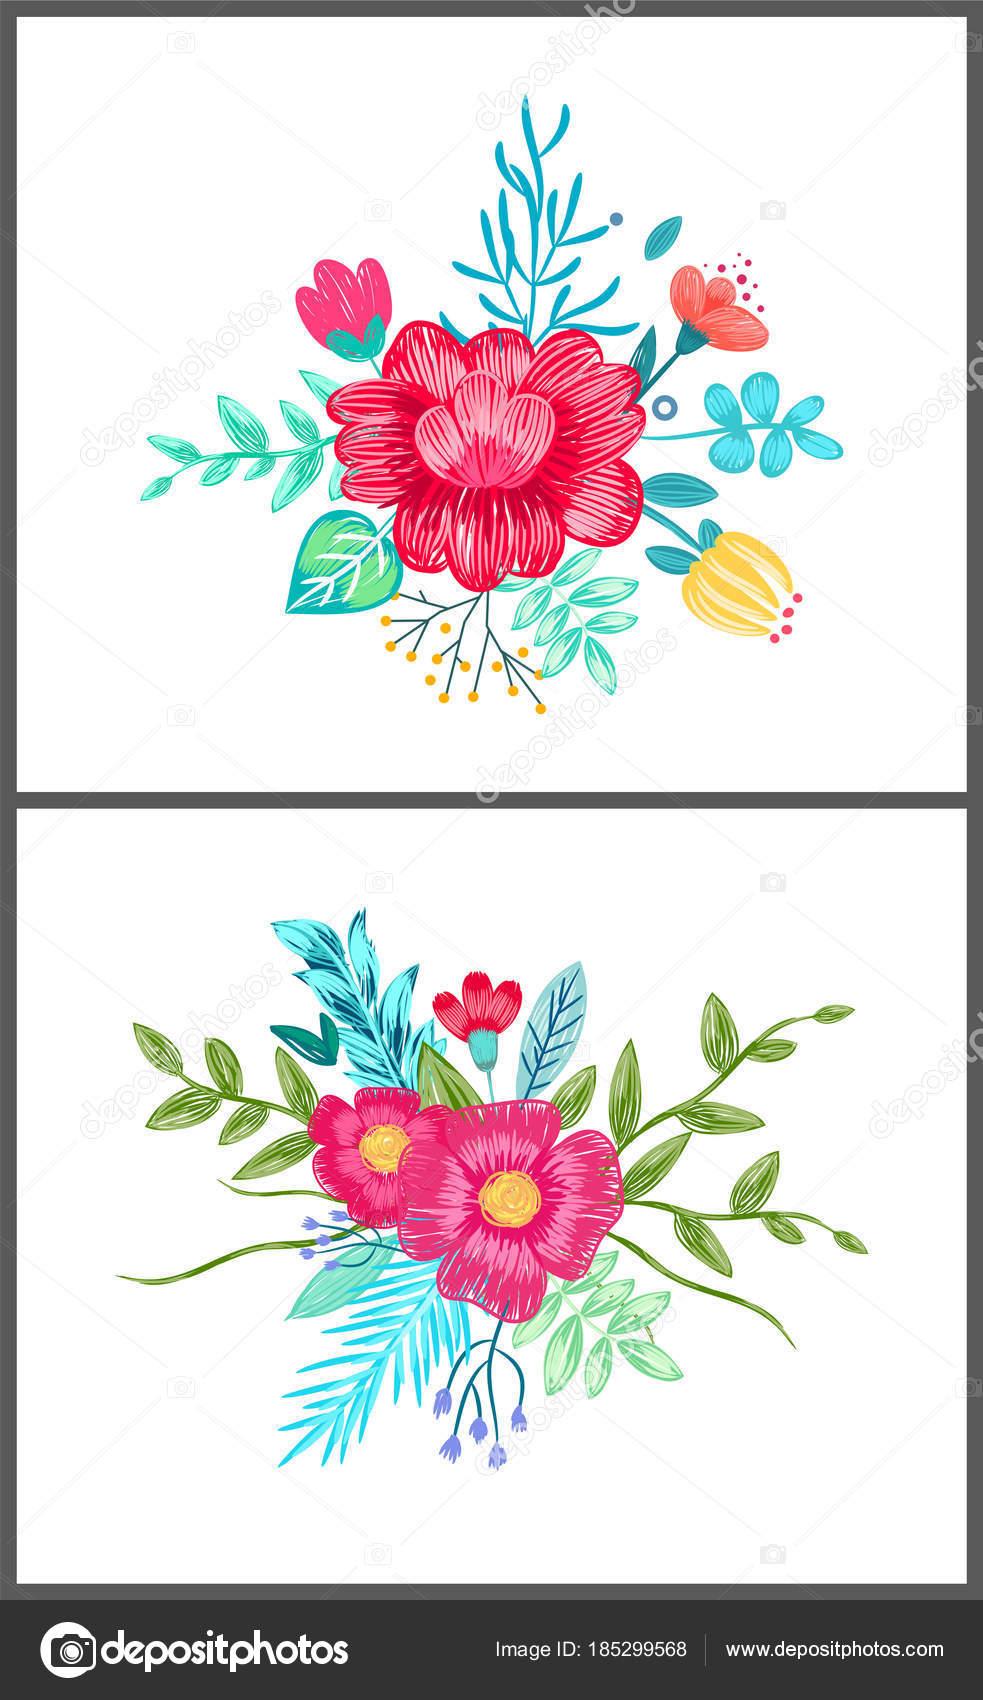 ベクトル イラストのかわいい花柄のセット ストックベクター Robuart